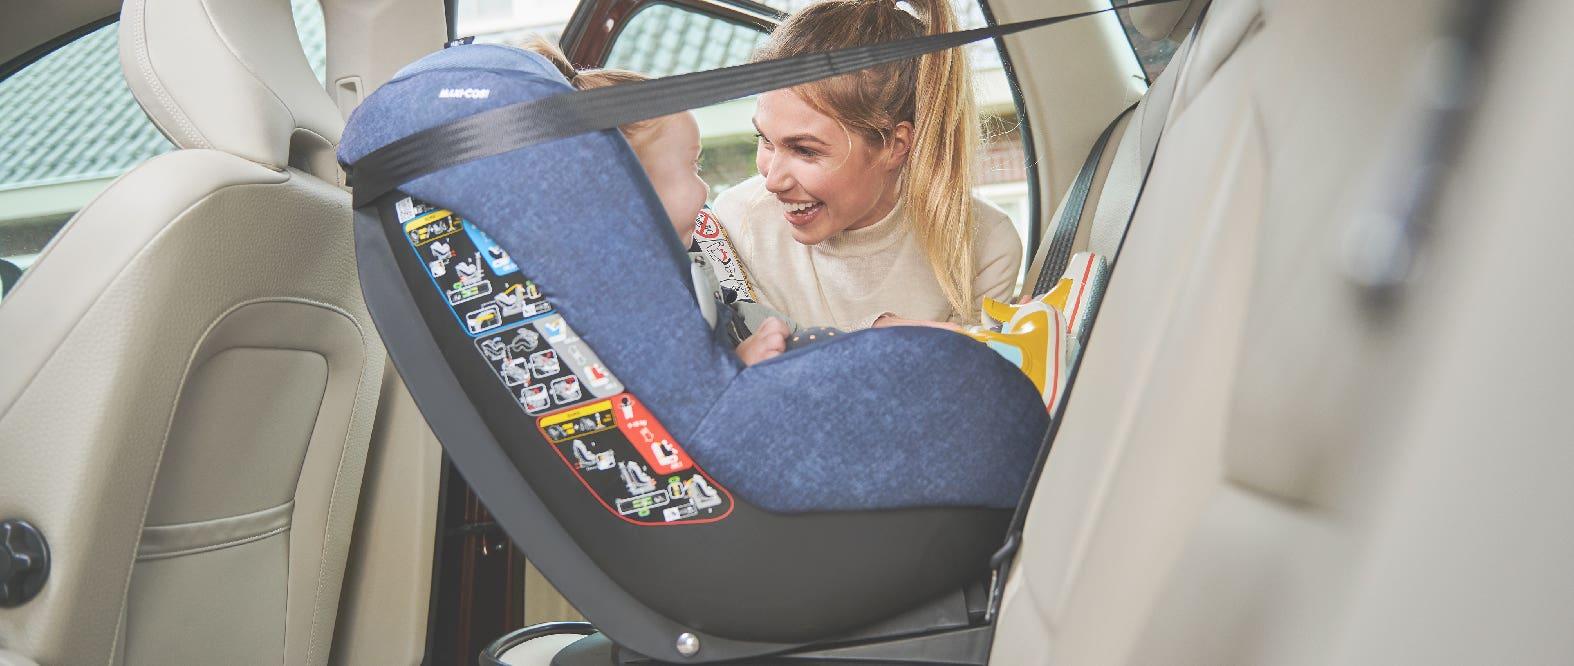 ¿Sabías que las sillas de auto tienen fecha de vencimiento? ¡Conoce más aquí!